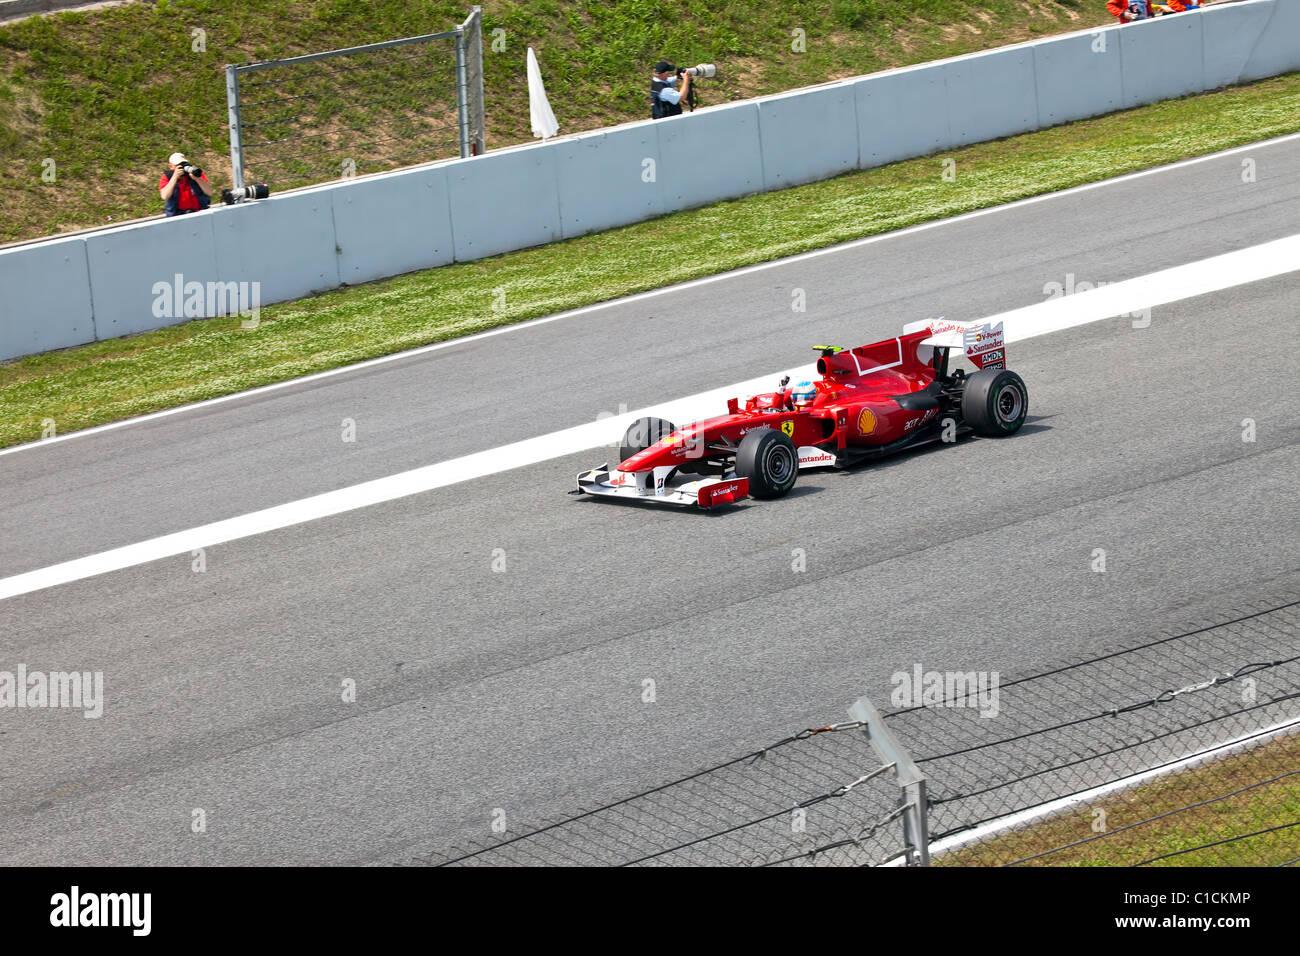 """Rennwagen auf einer Rennstrecke in der Formel 1 Grand Prix im Autodrom """"Catalunya Montmello"""" am 9. Mai Stockbild"""